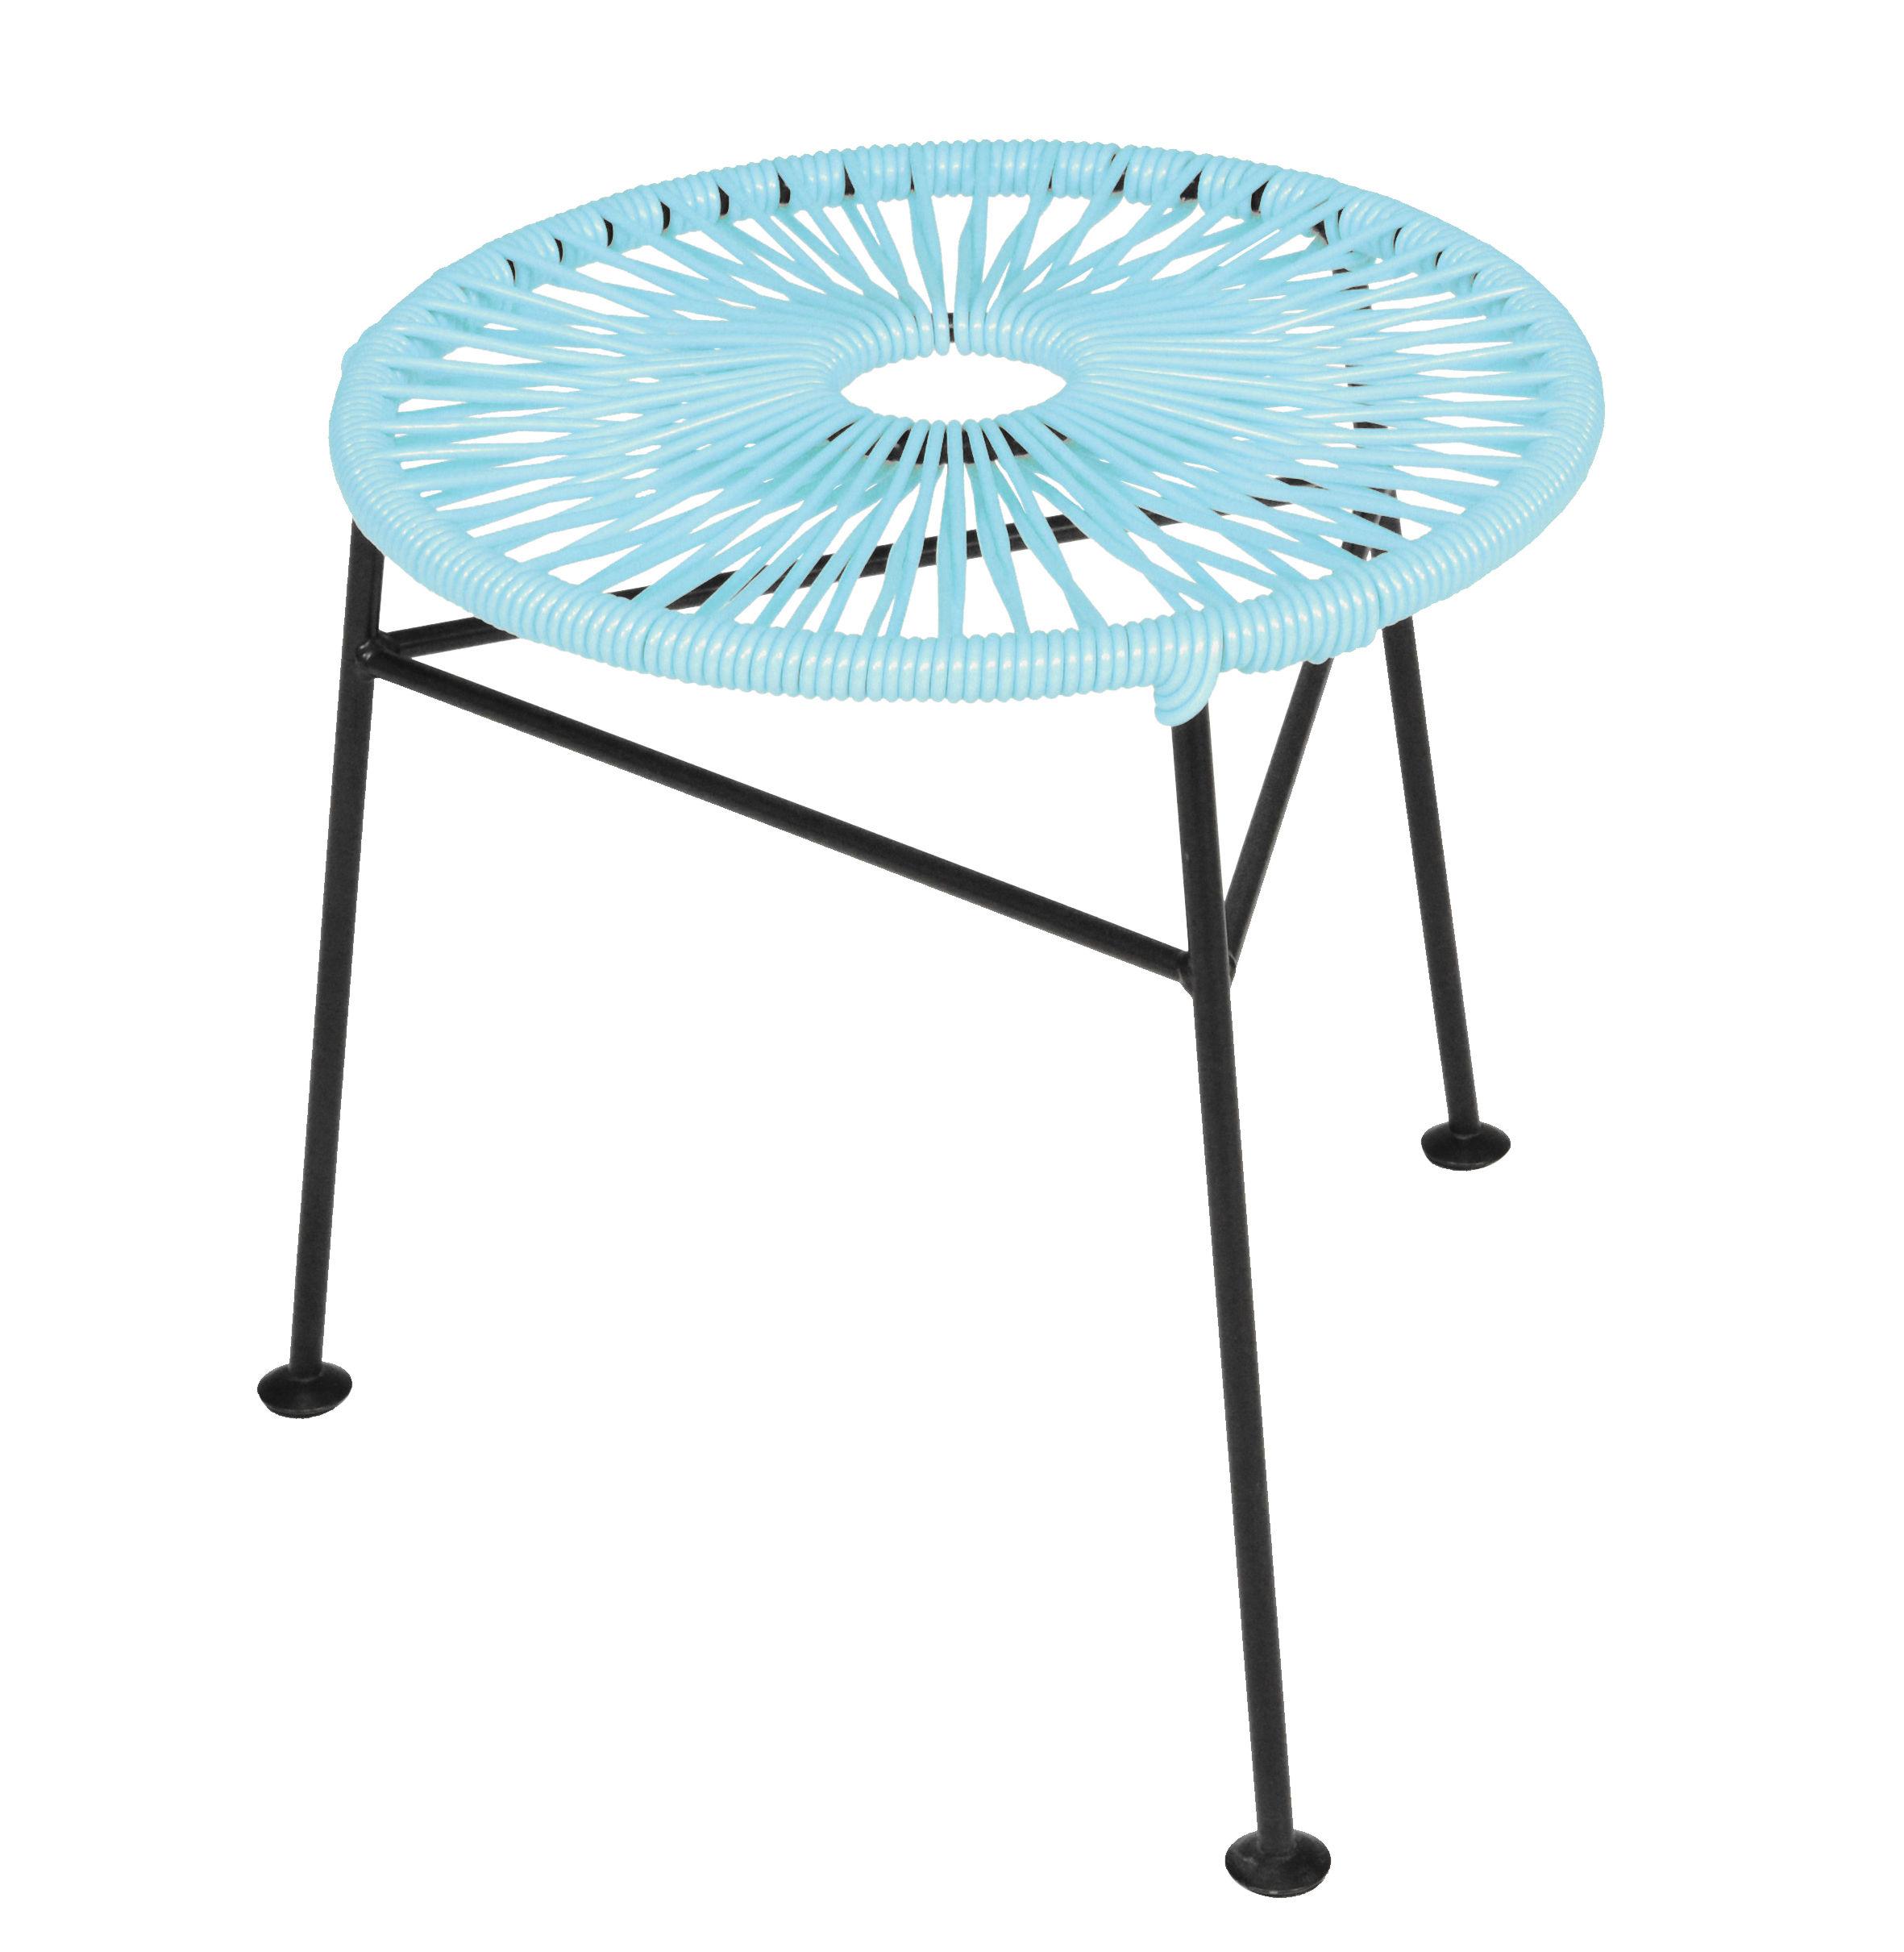 Arredamento - Sgabelli - Sgabello impilabile Centro / Plastica intrecciata - OK Design per Sentou Edition - Turchese - Acciaio laccato, Materiale plastico